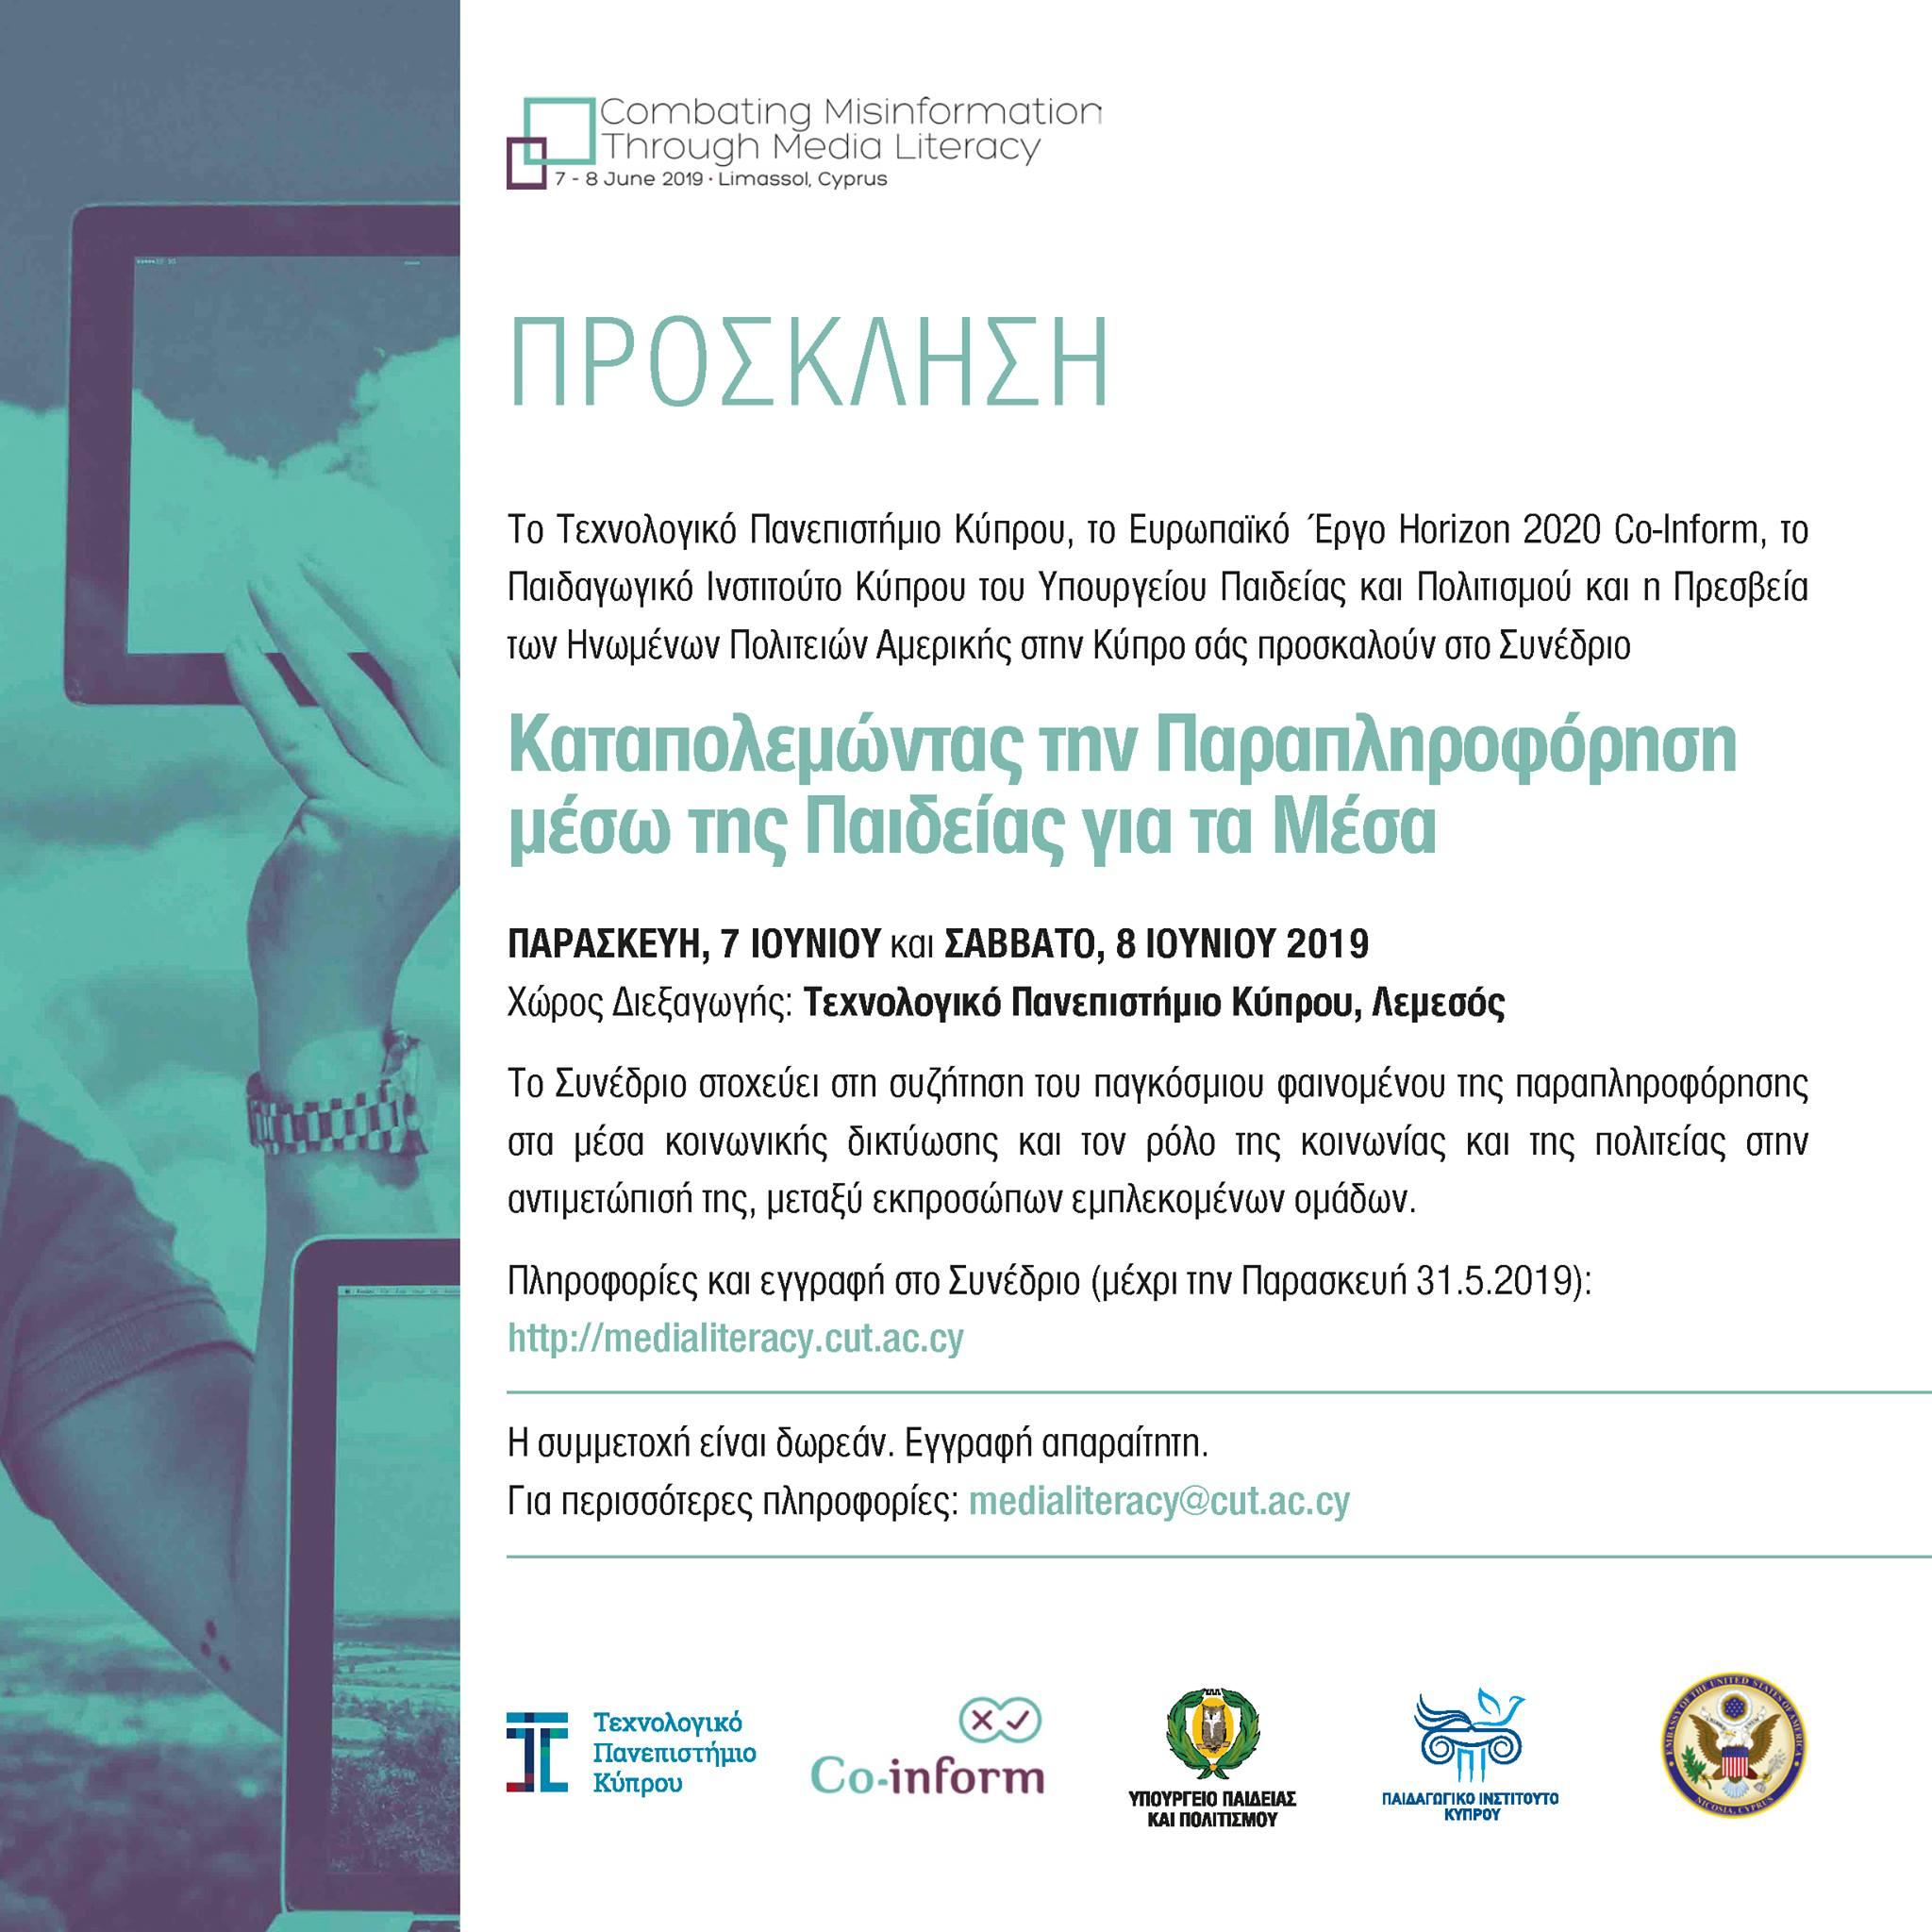 Καταπολεμώντας την Παραπληροφόρηση μέσω της Παιδείας για τα Μέσα cyprus cyprusinno event events